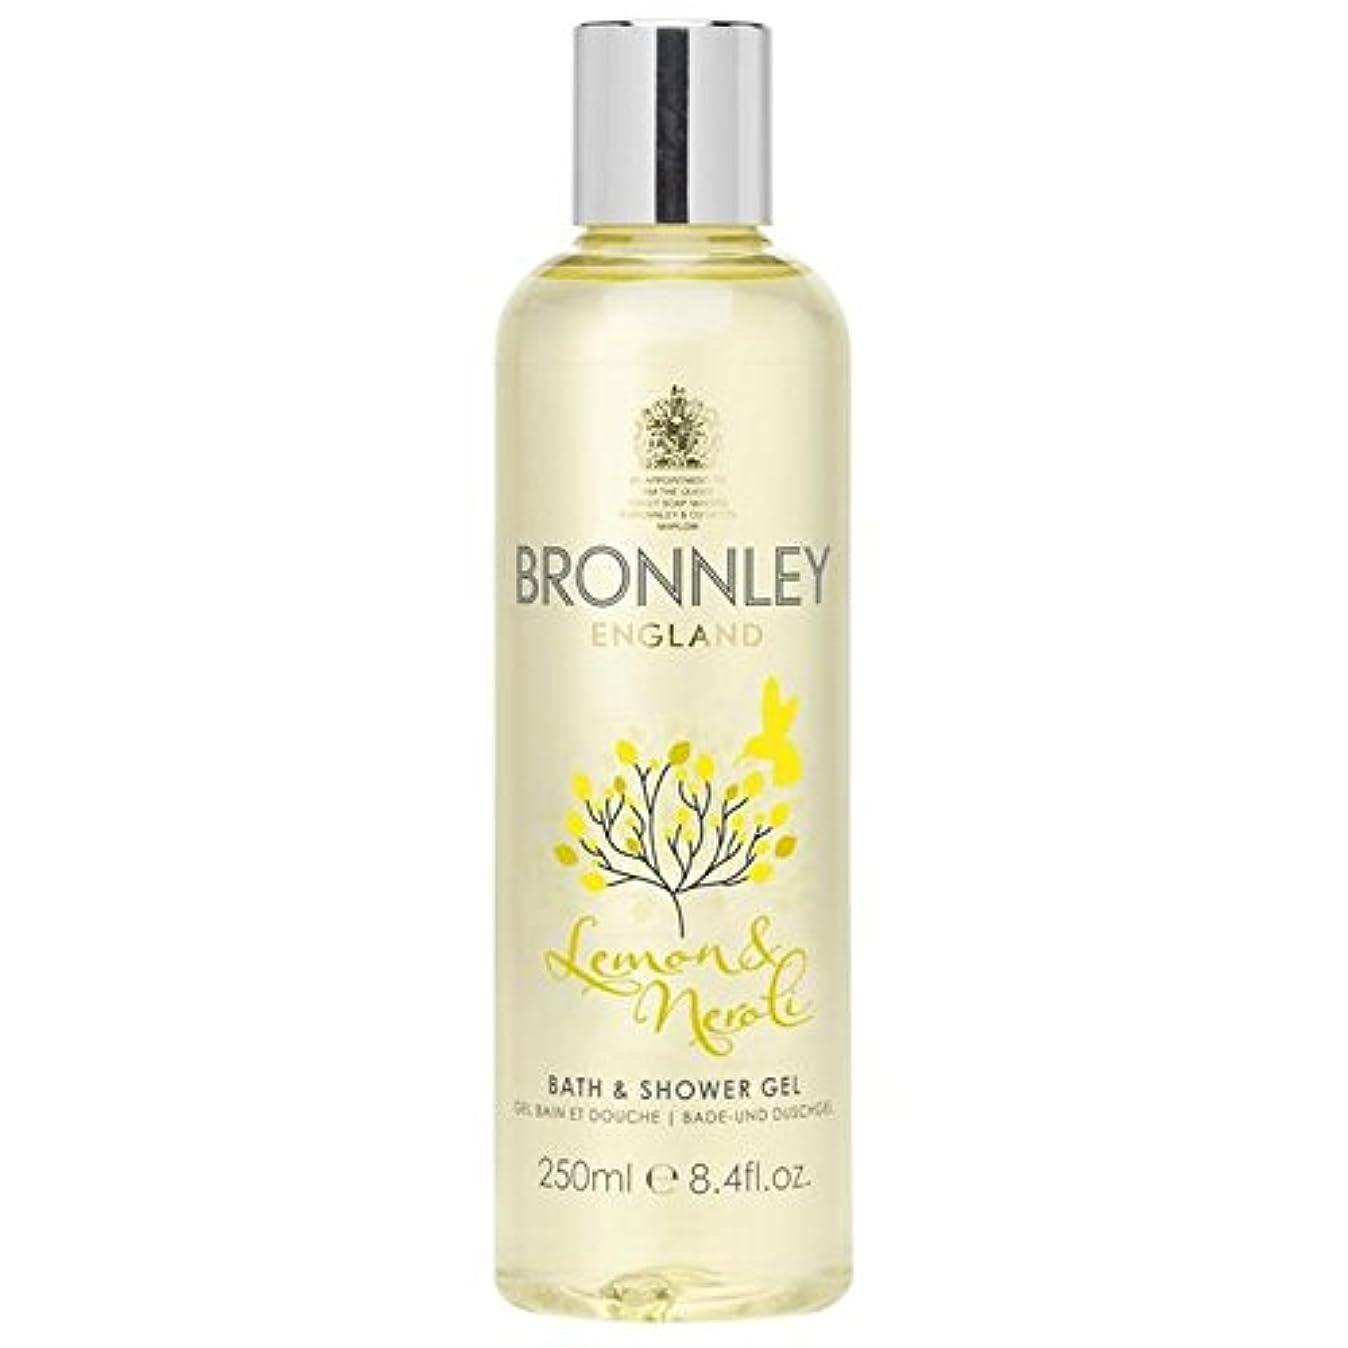 リンケージラジカル失速Bronnley Lemon & Neroli Bath & Shower Gel 250ml - レモン&ネロリバス&シャワージェル250ミリリットル [並行輸入品]